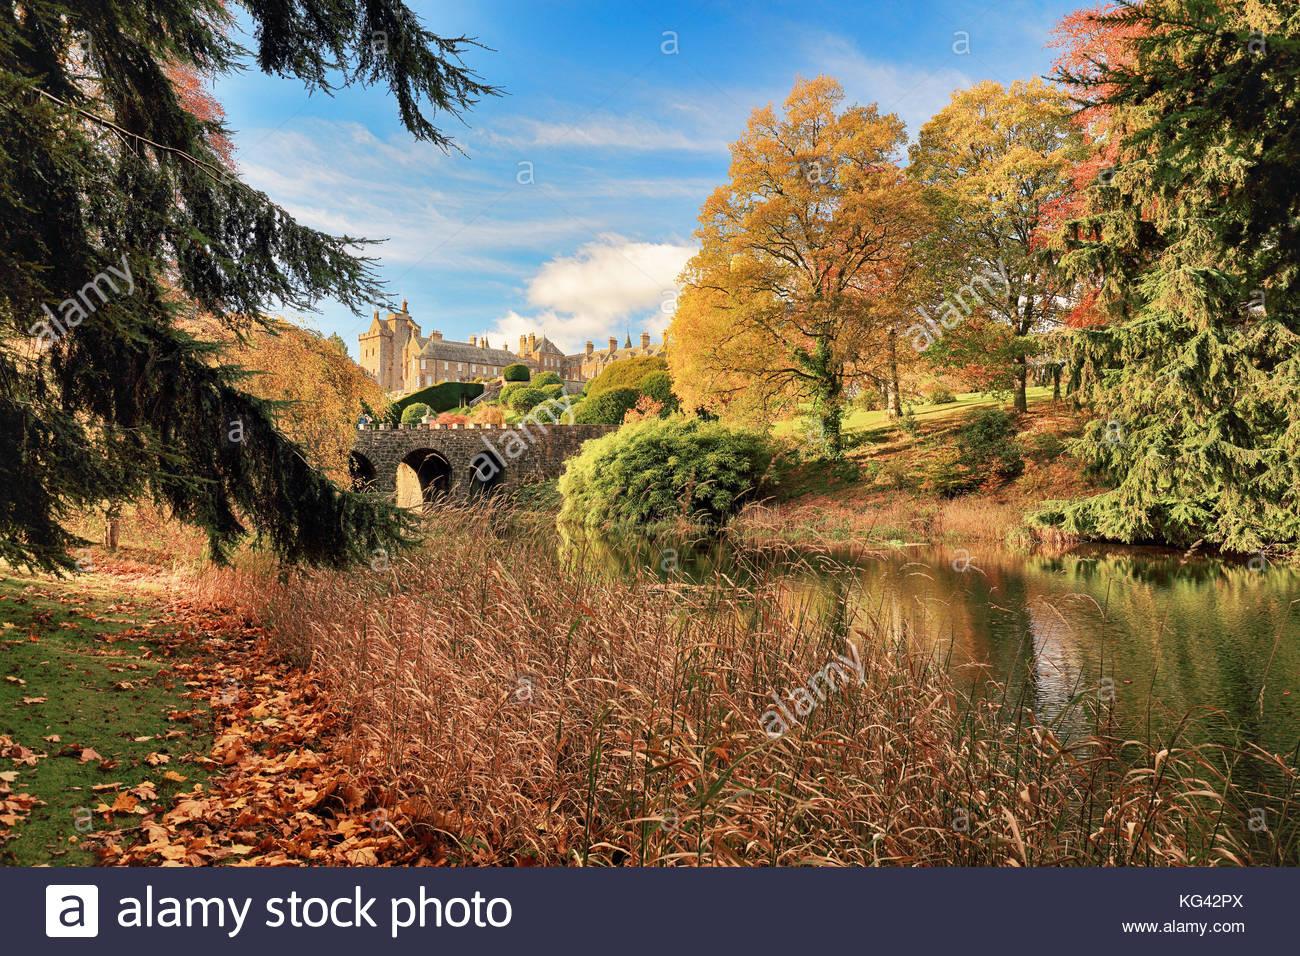 Árbol de otoño reflexiones de un estanque en Drummond Castle Gardens. Crieff, Perth y Kinross. Foto de stock